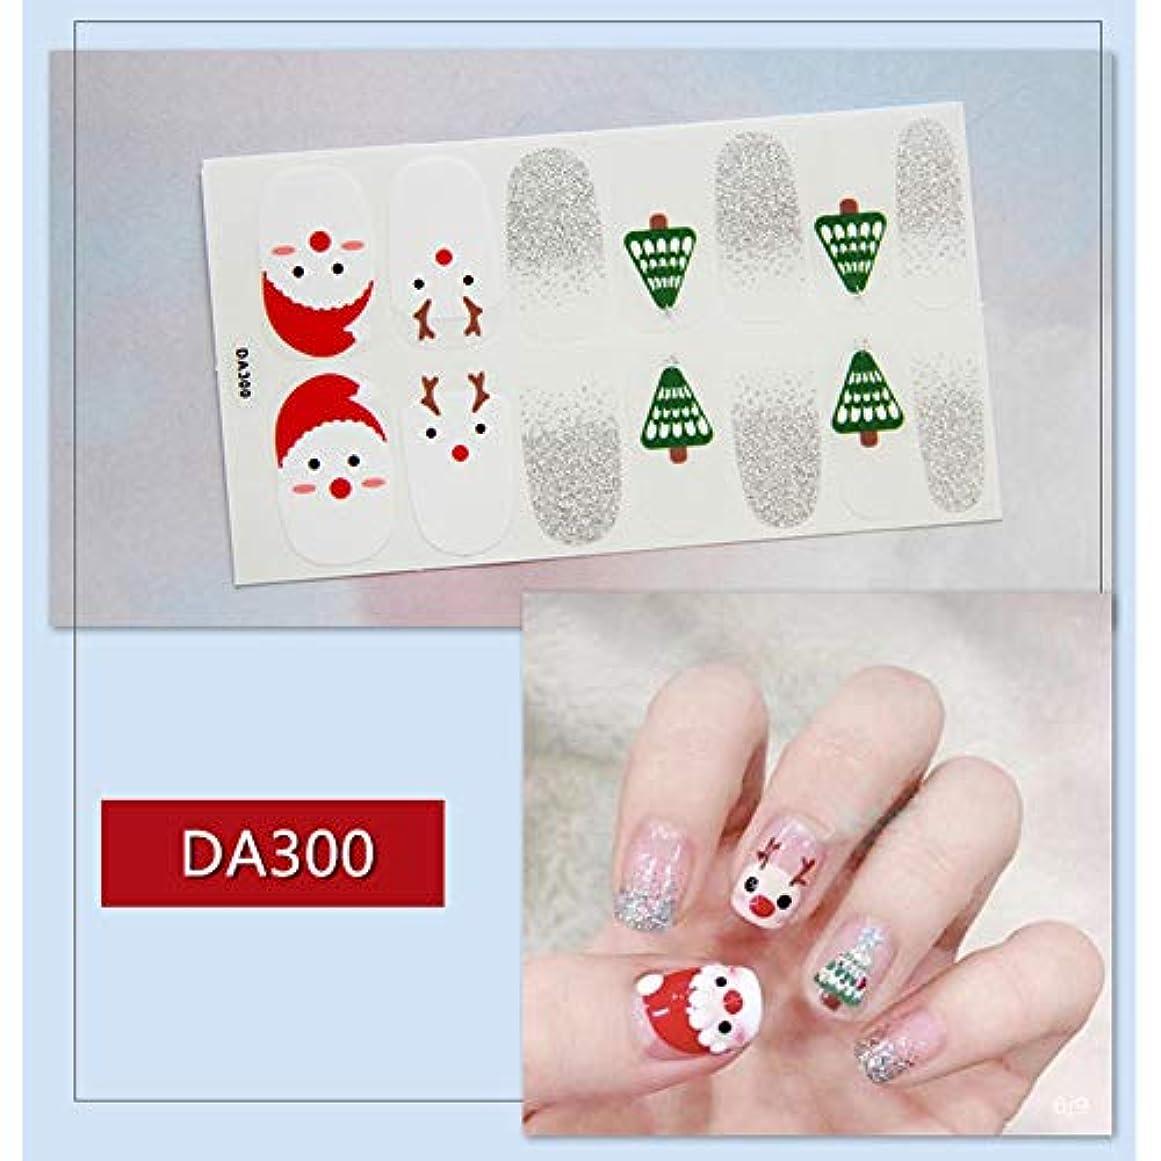 そこあいさつ研磨剤Murakush ネイルステッカー ネイルアート 14ピース/セット クリスマス 雪だるま クリスマスツリー 防水 デカール DA300